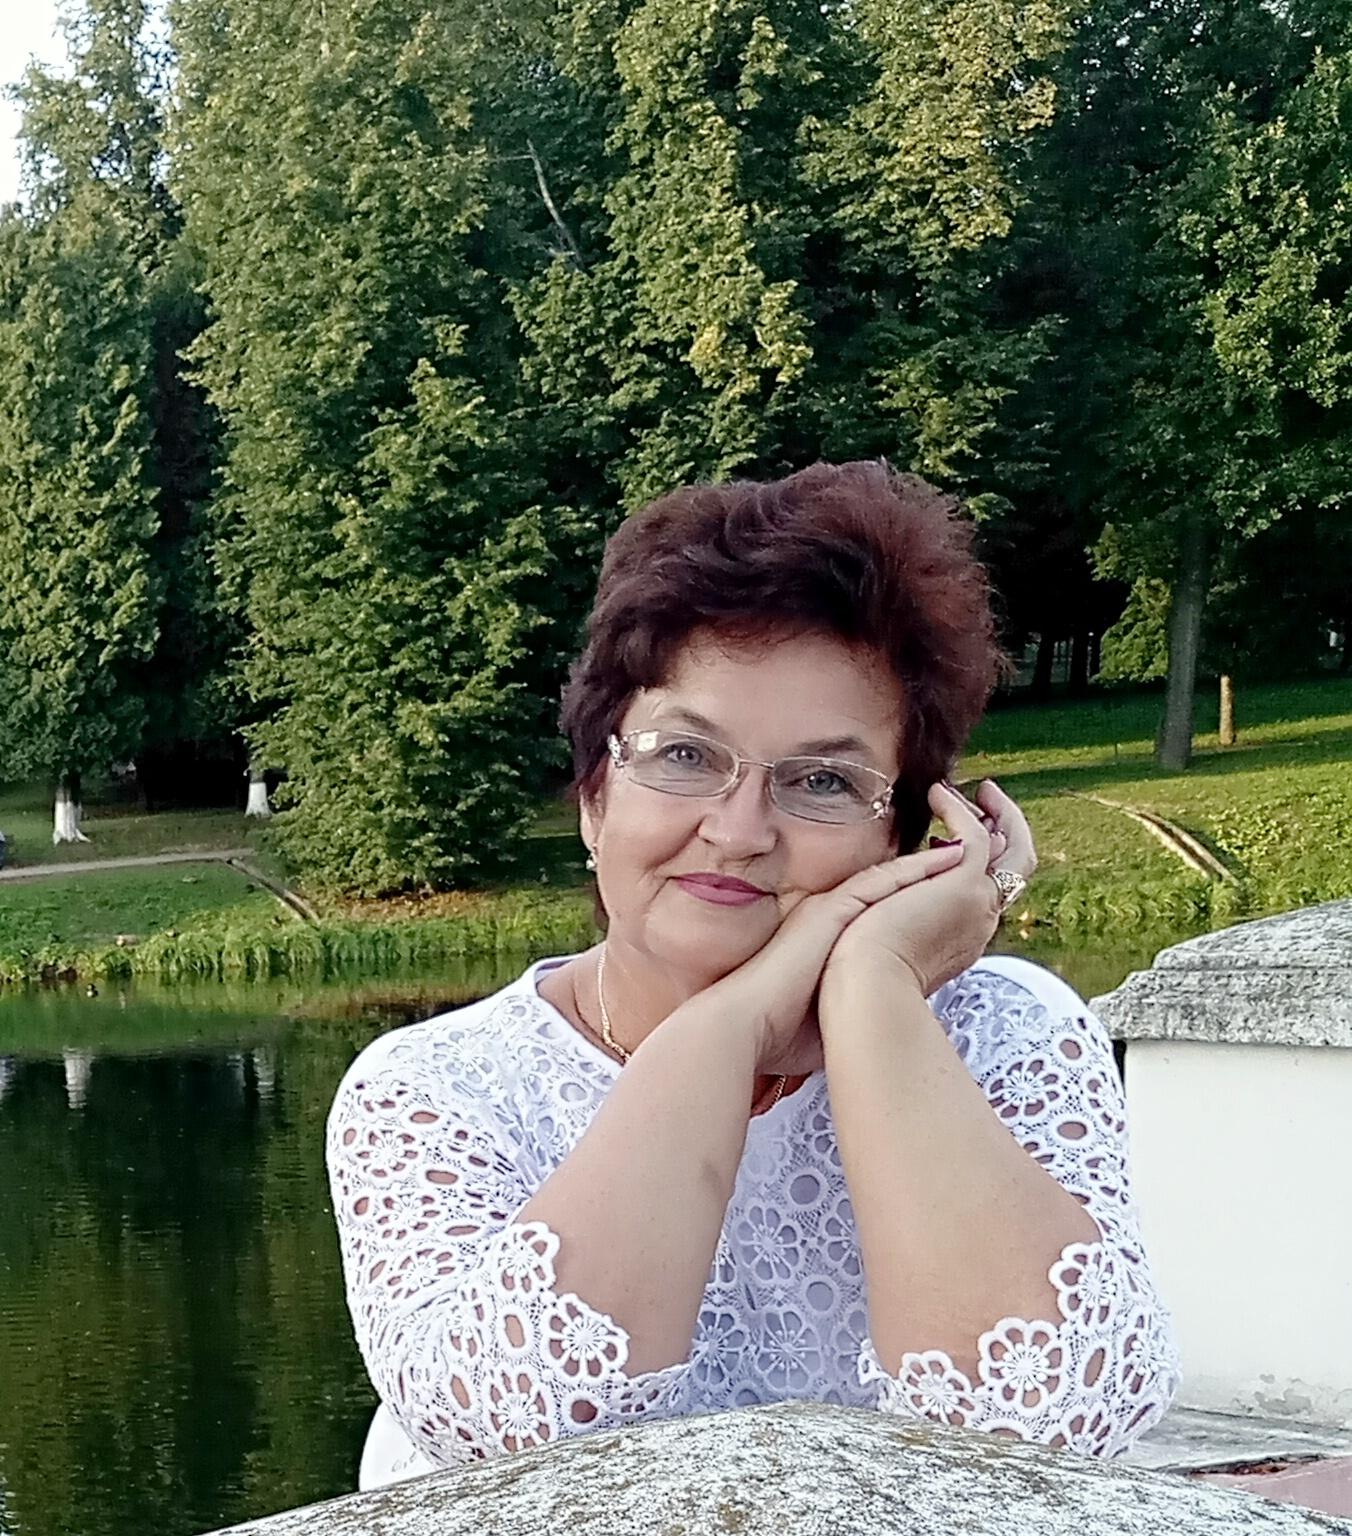 Поздравляем нашу любимую Людмилу Анатольевну  с днём рождения!!!